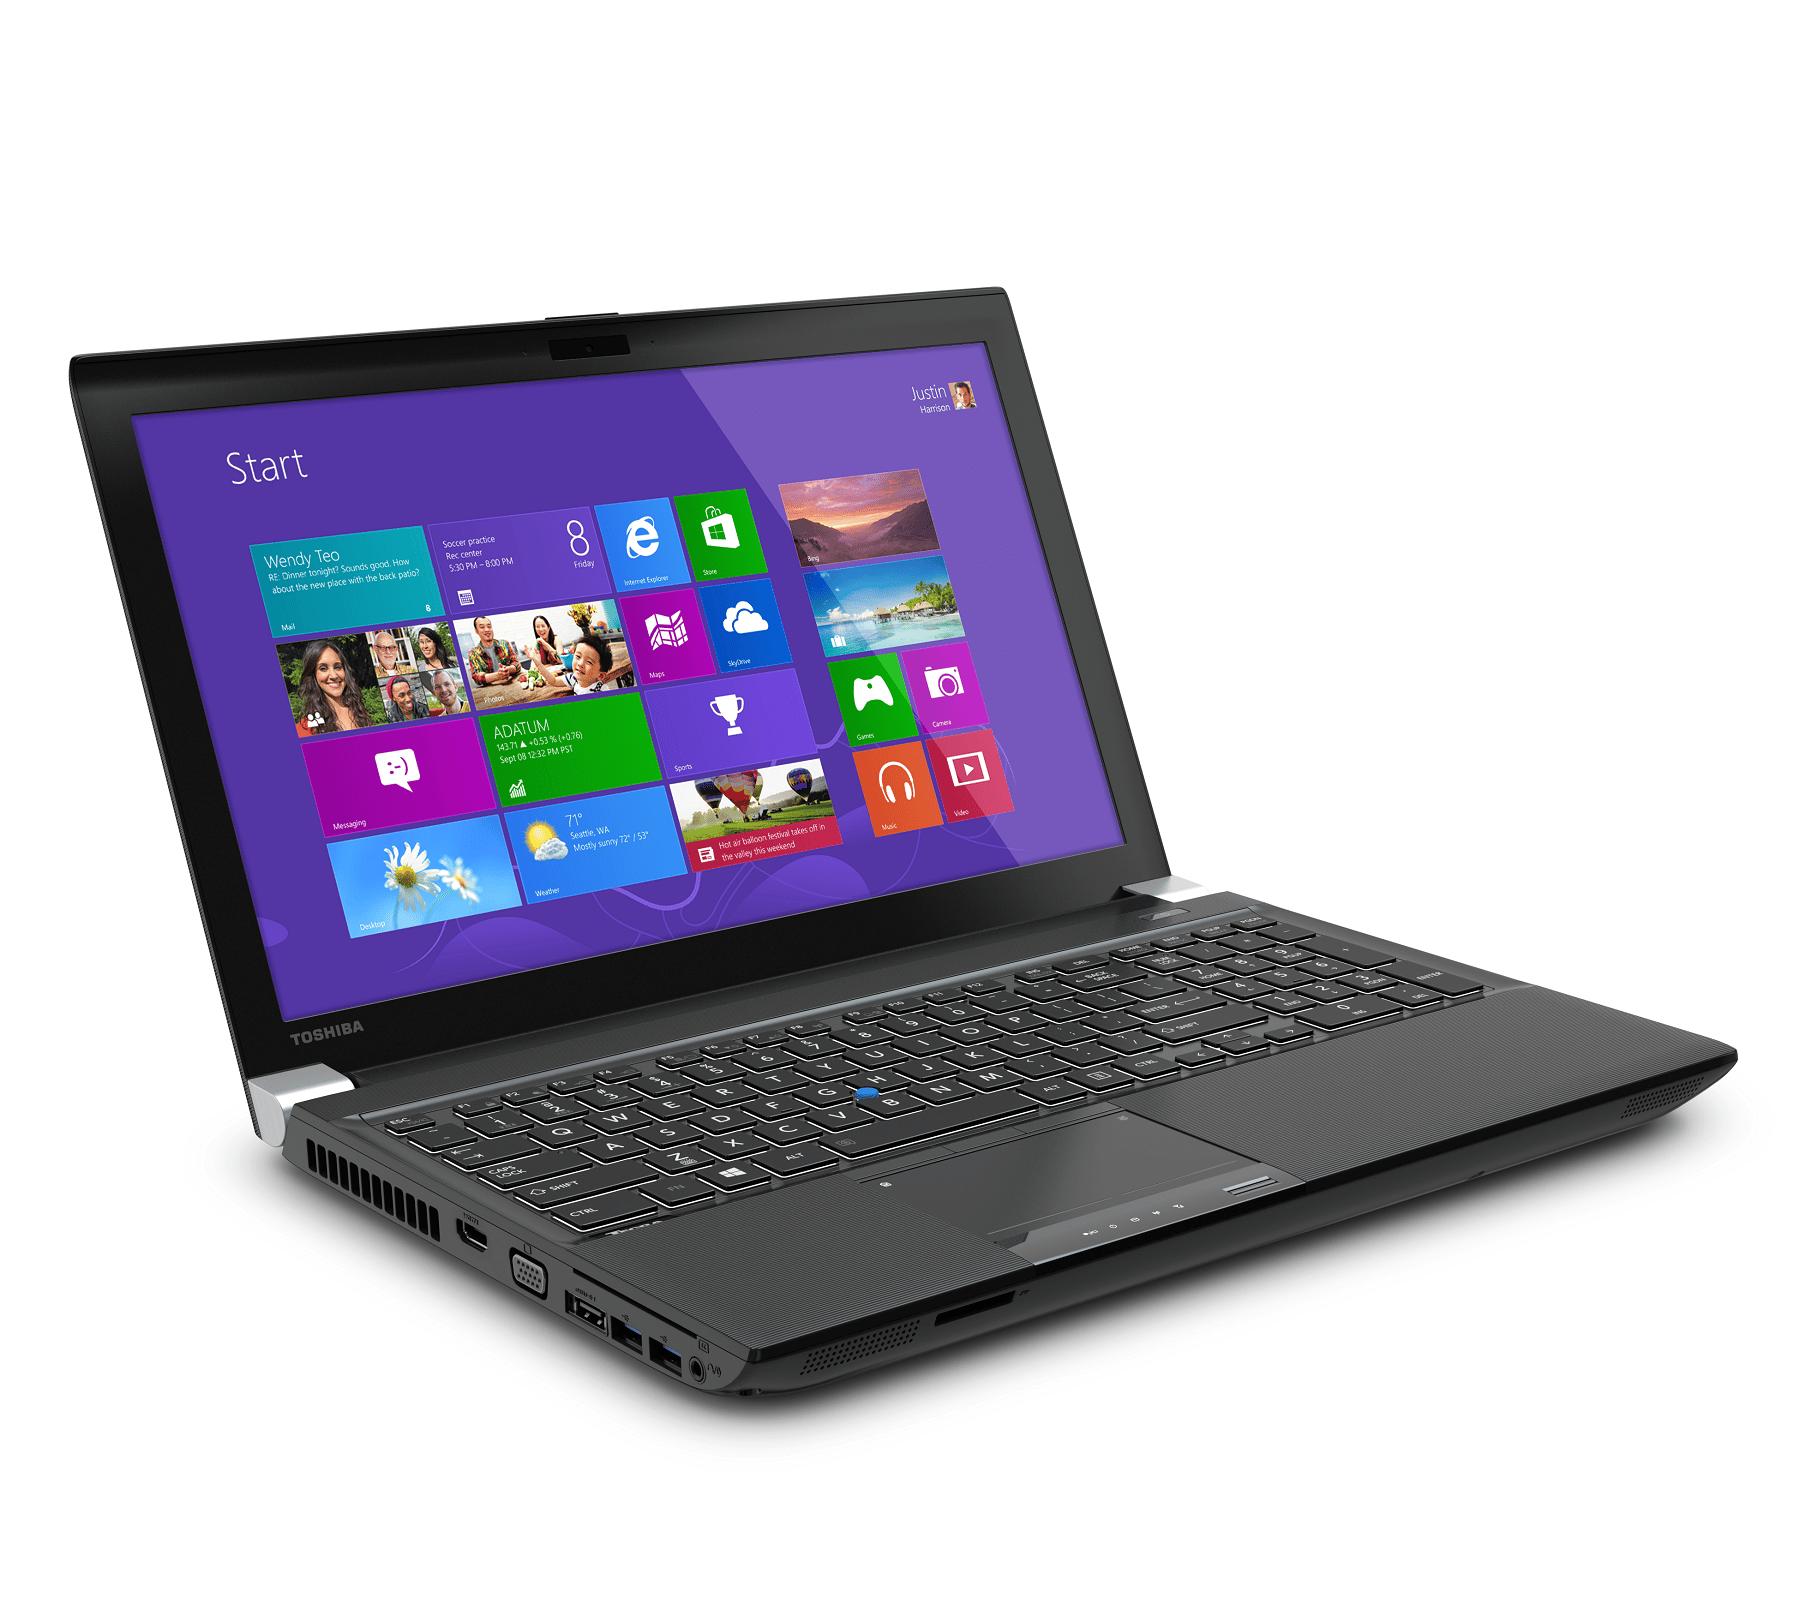 Toshiba presentó el Tecra W50 en la CES 2014. Su equipo de trabajo con resolución 4K.